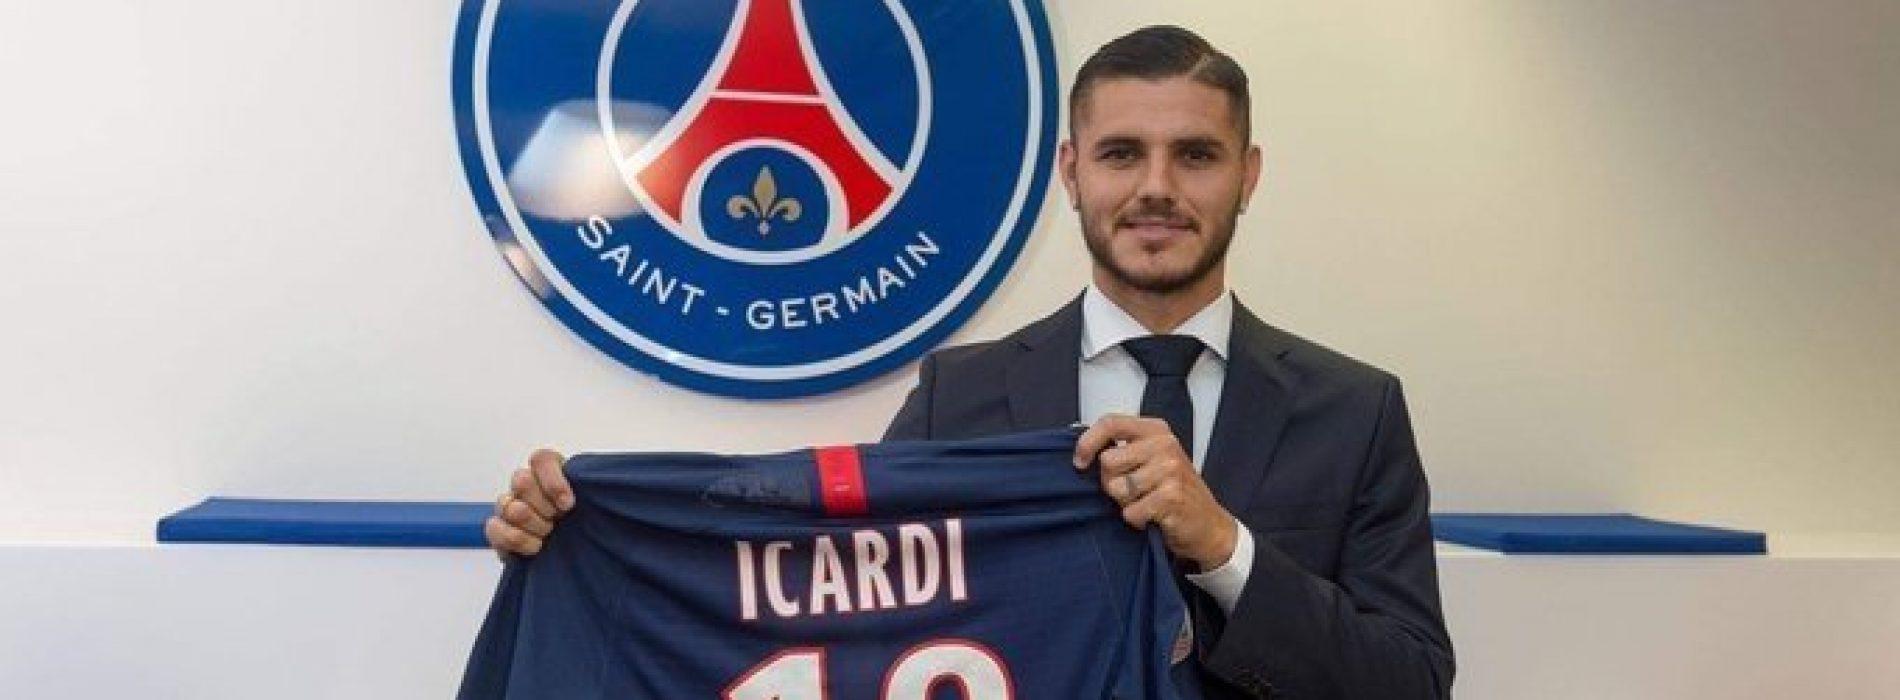 """Letterio Pino Icardi: """"De Laurentiis ci ha provato fino all'ultimo"""""""